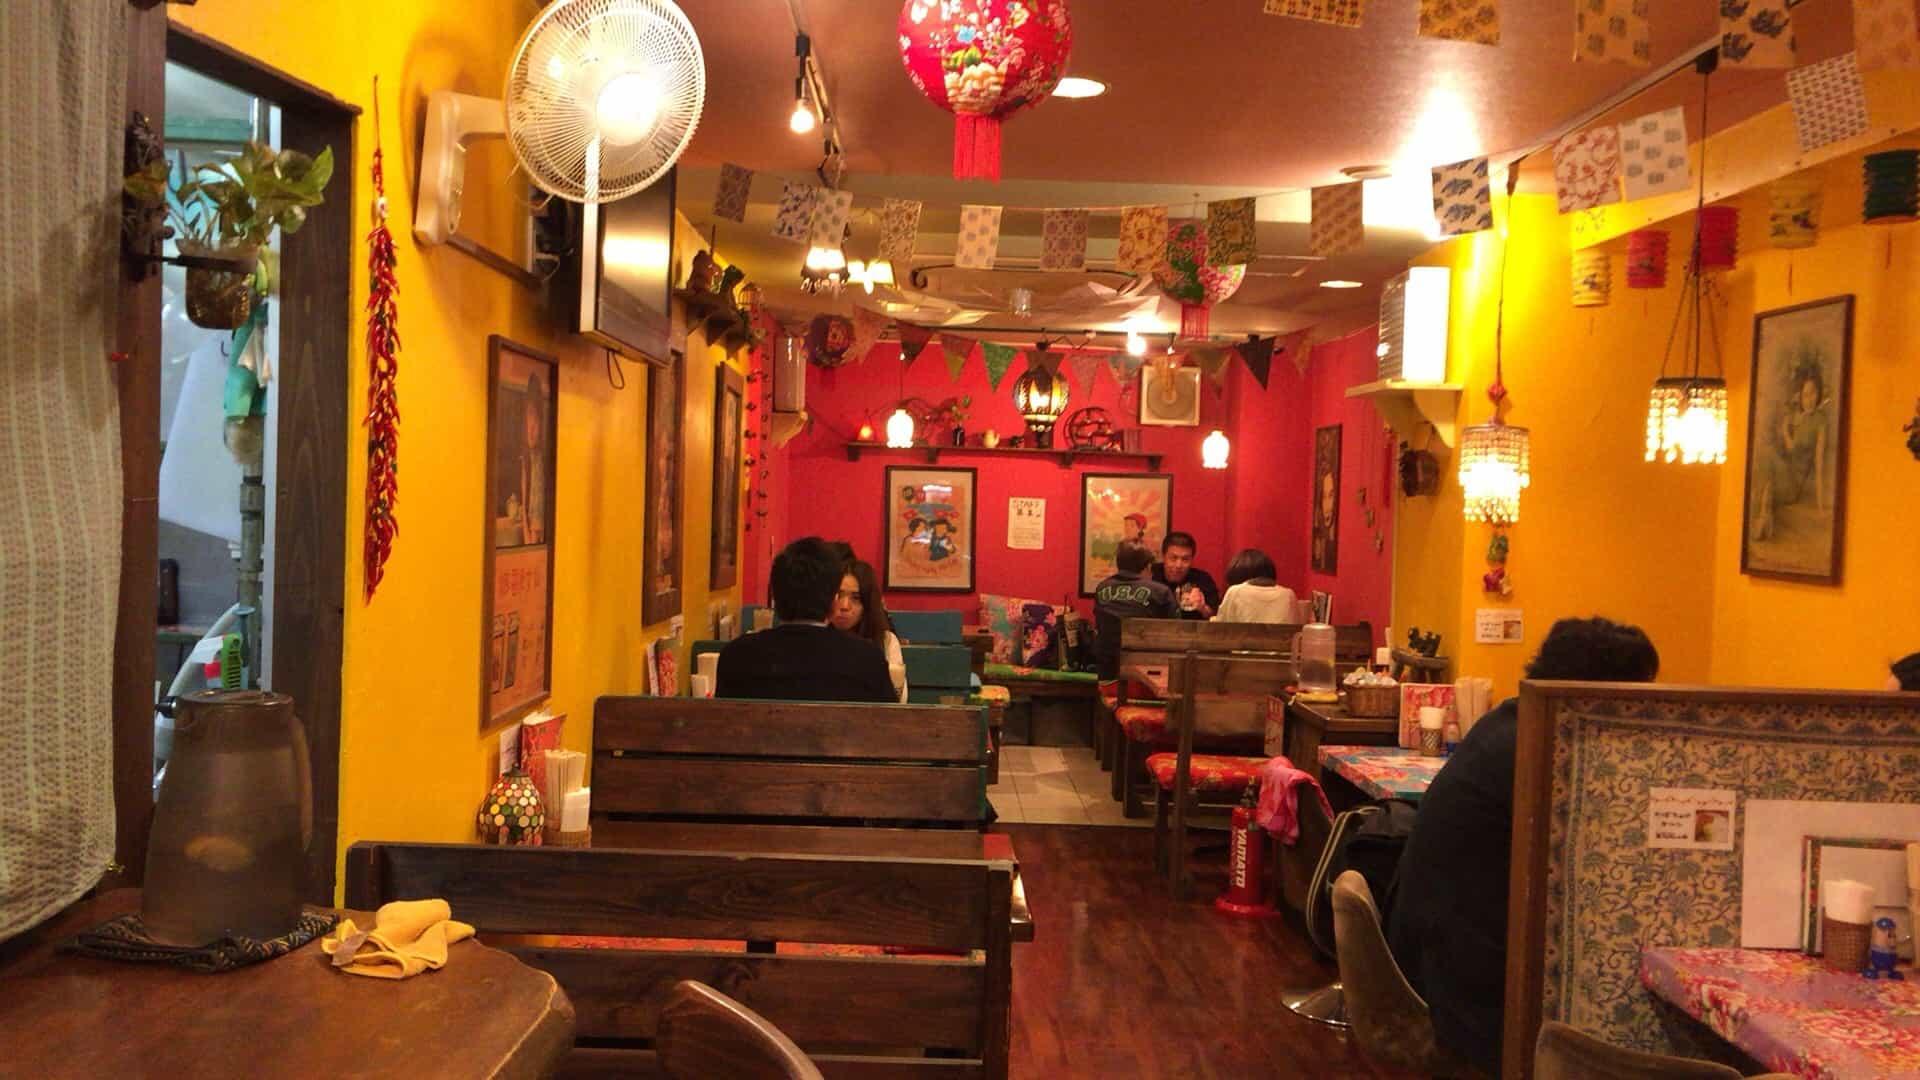 ร้าน ชานมไข่มุก โอซาก้า (Bubble Milk Tea in Osaka) - บรรยากาศภายในร้าน Asian Sobo